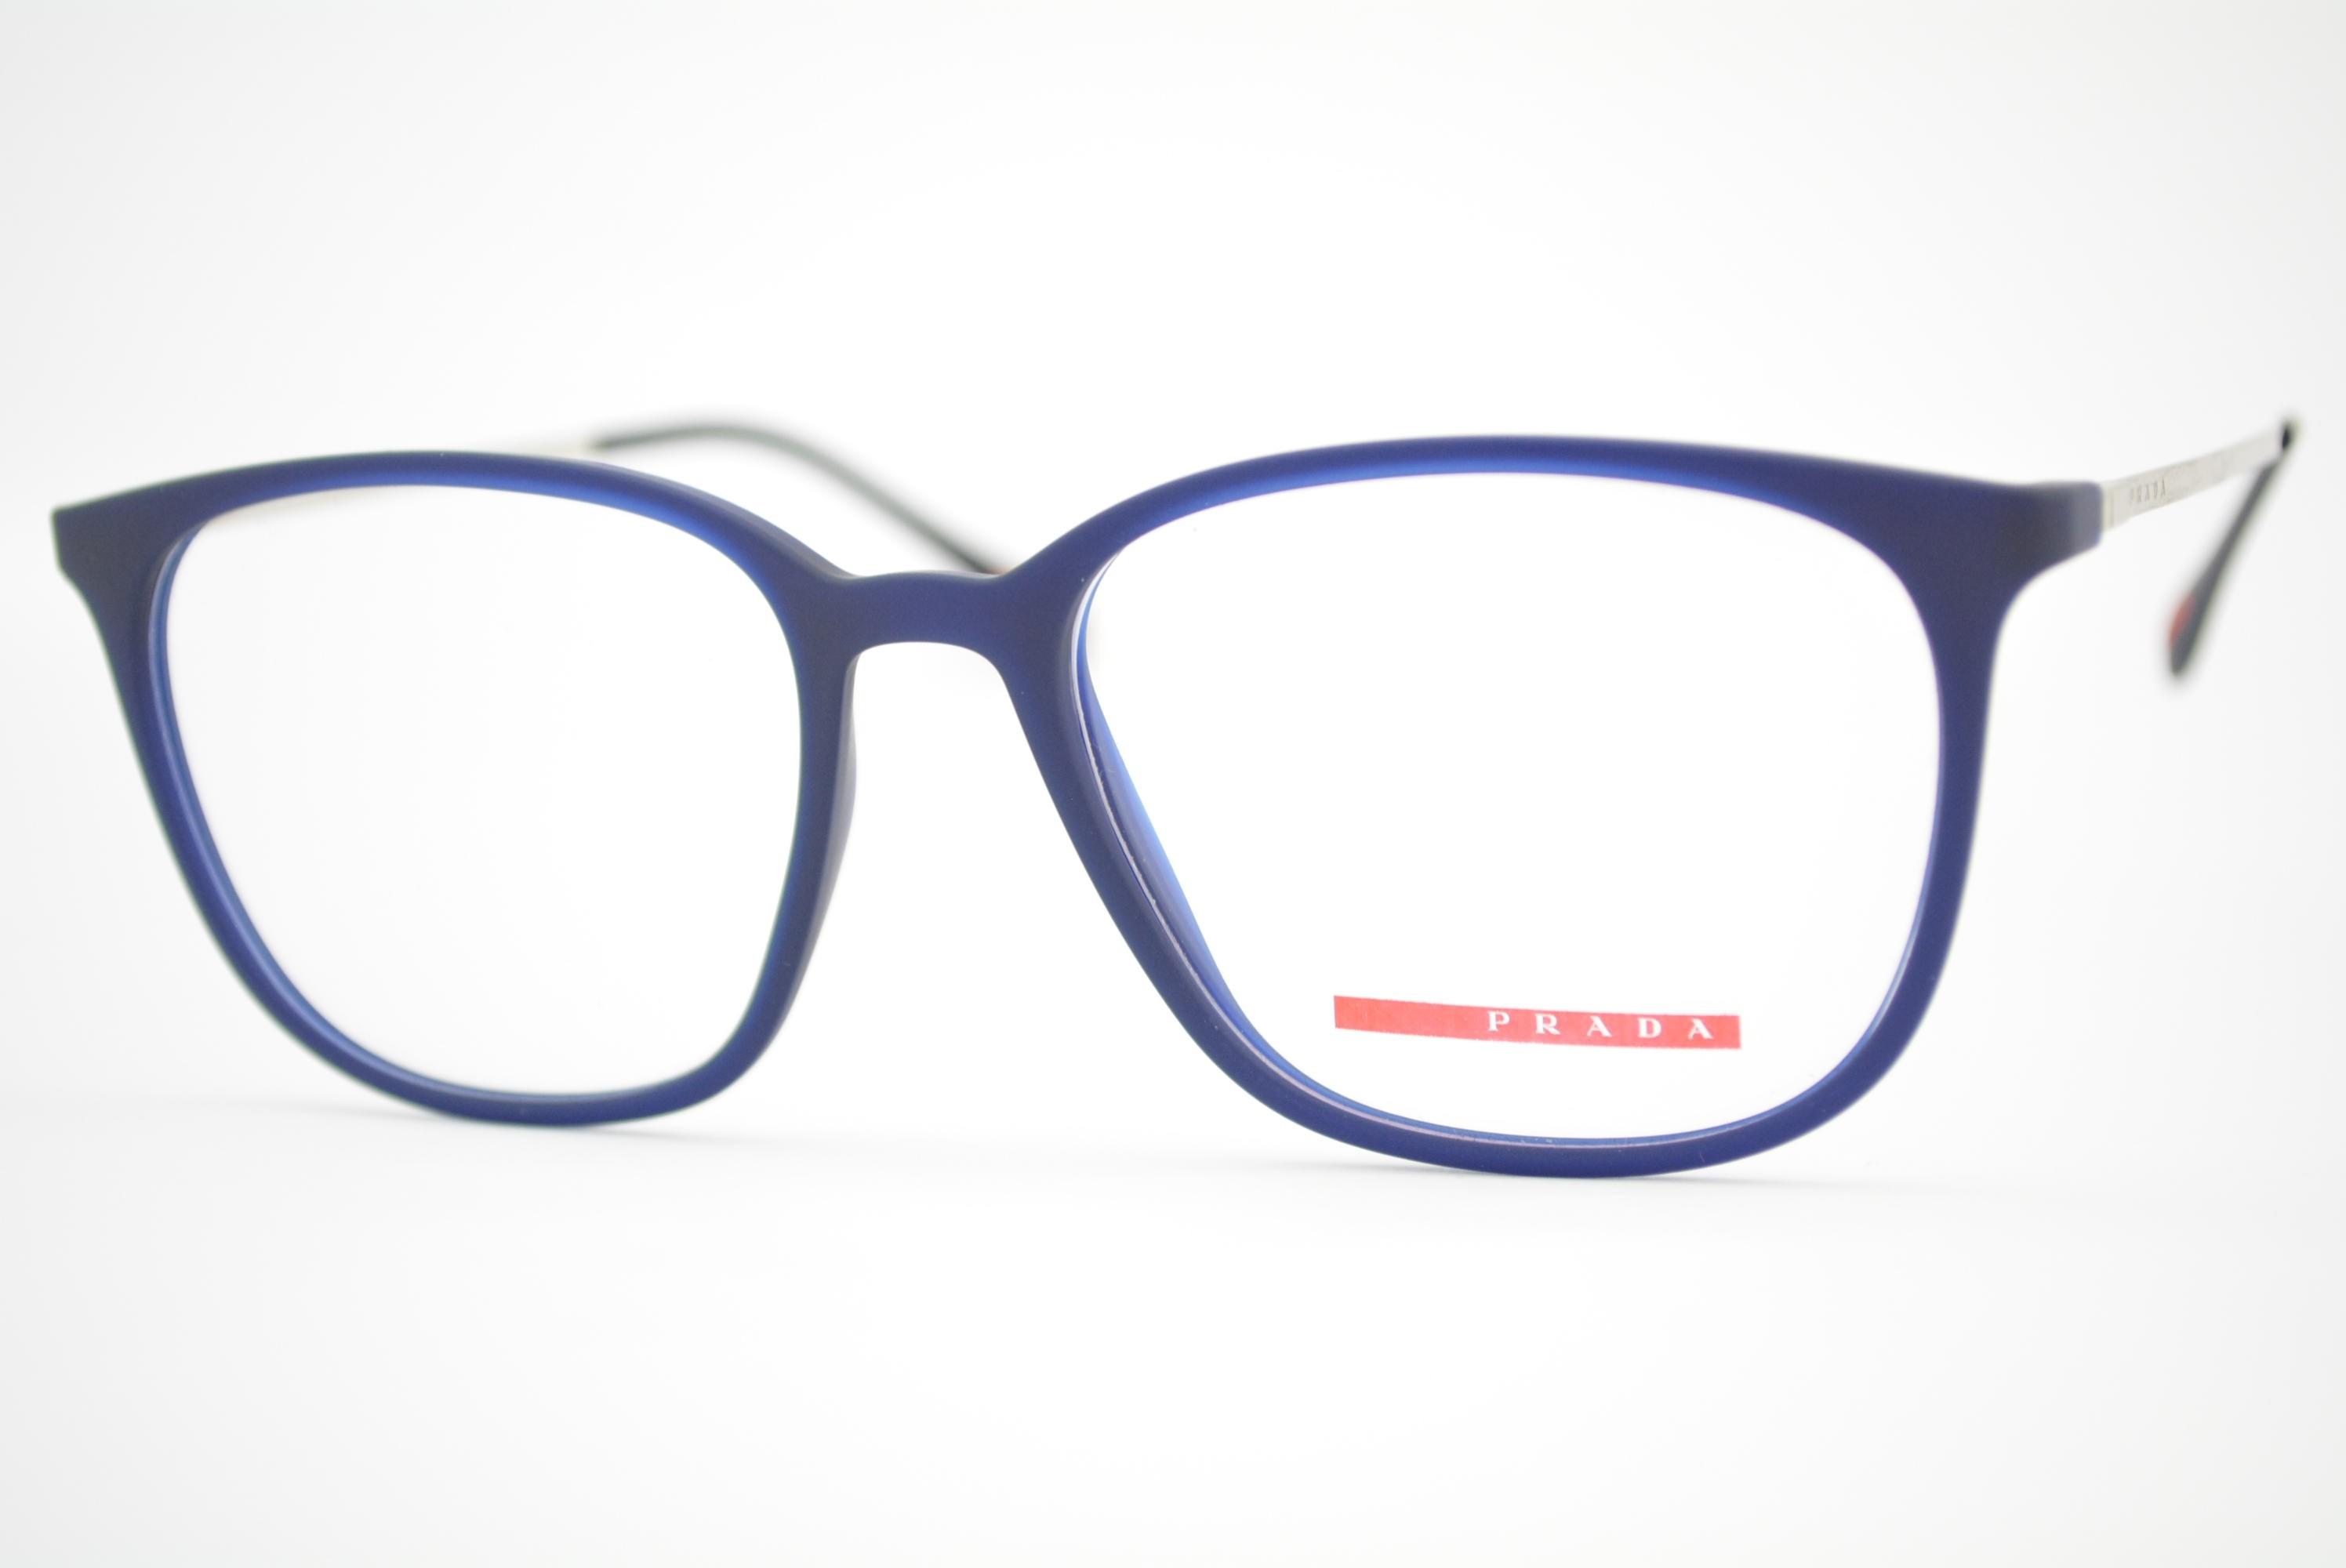 armação de óculos Prada Linea Rossa mod vps03I U63-1O1 Ótica Cardoso 9ba22c6be6